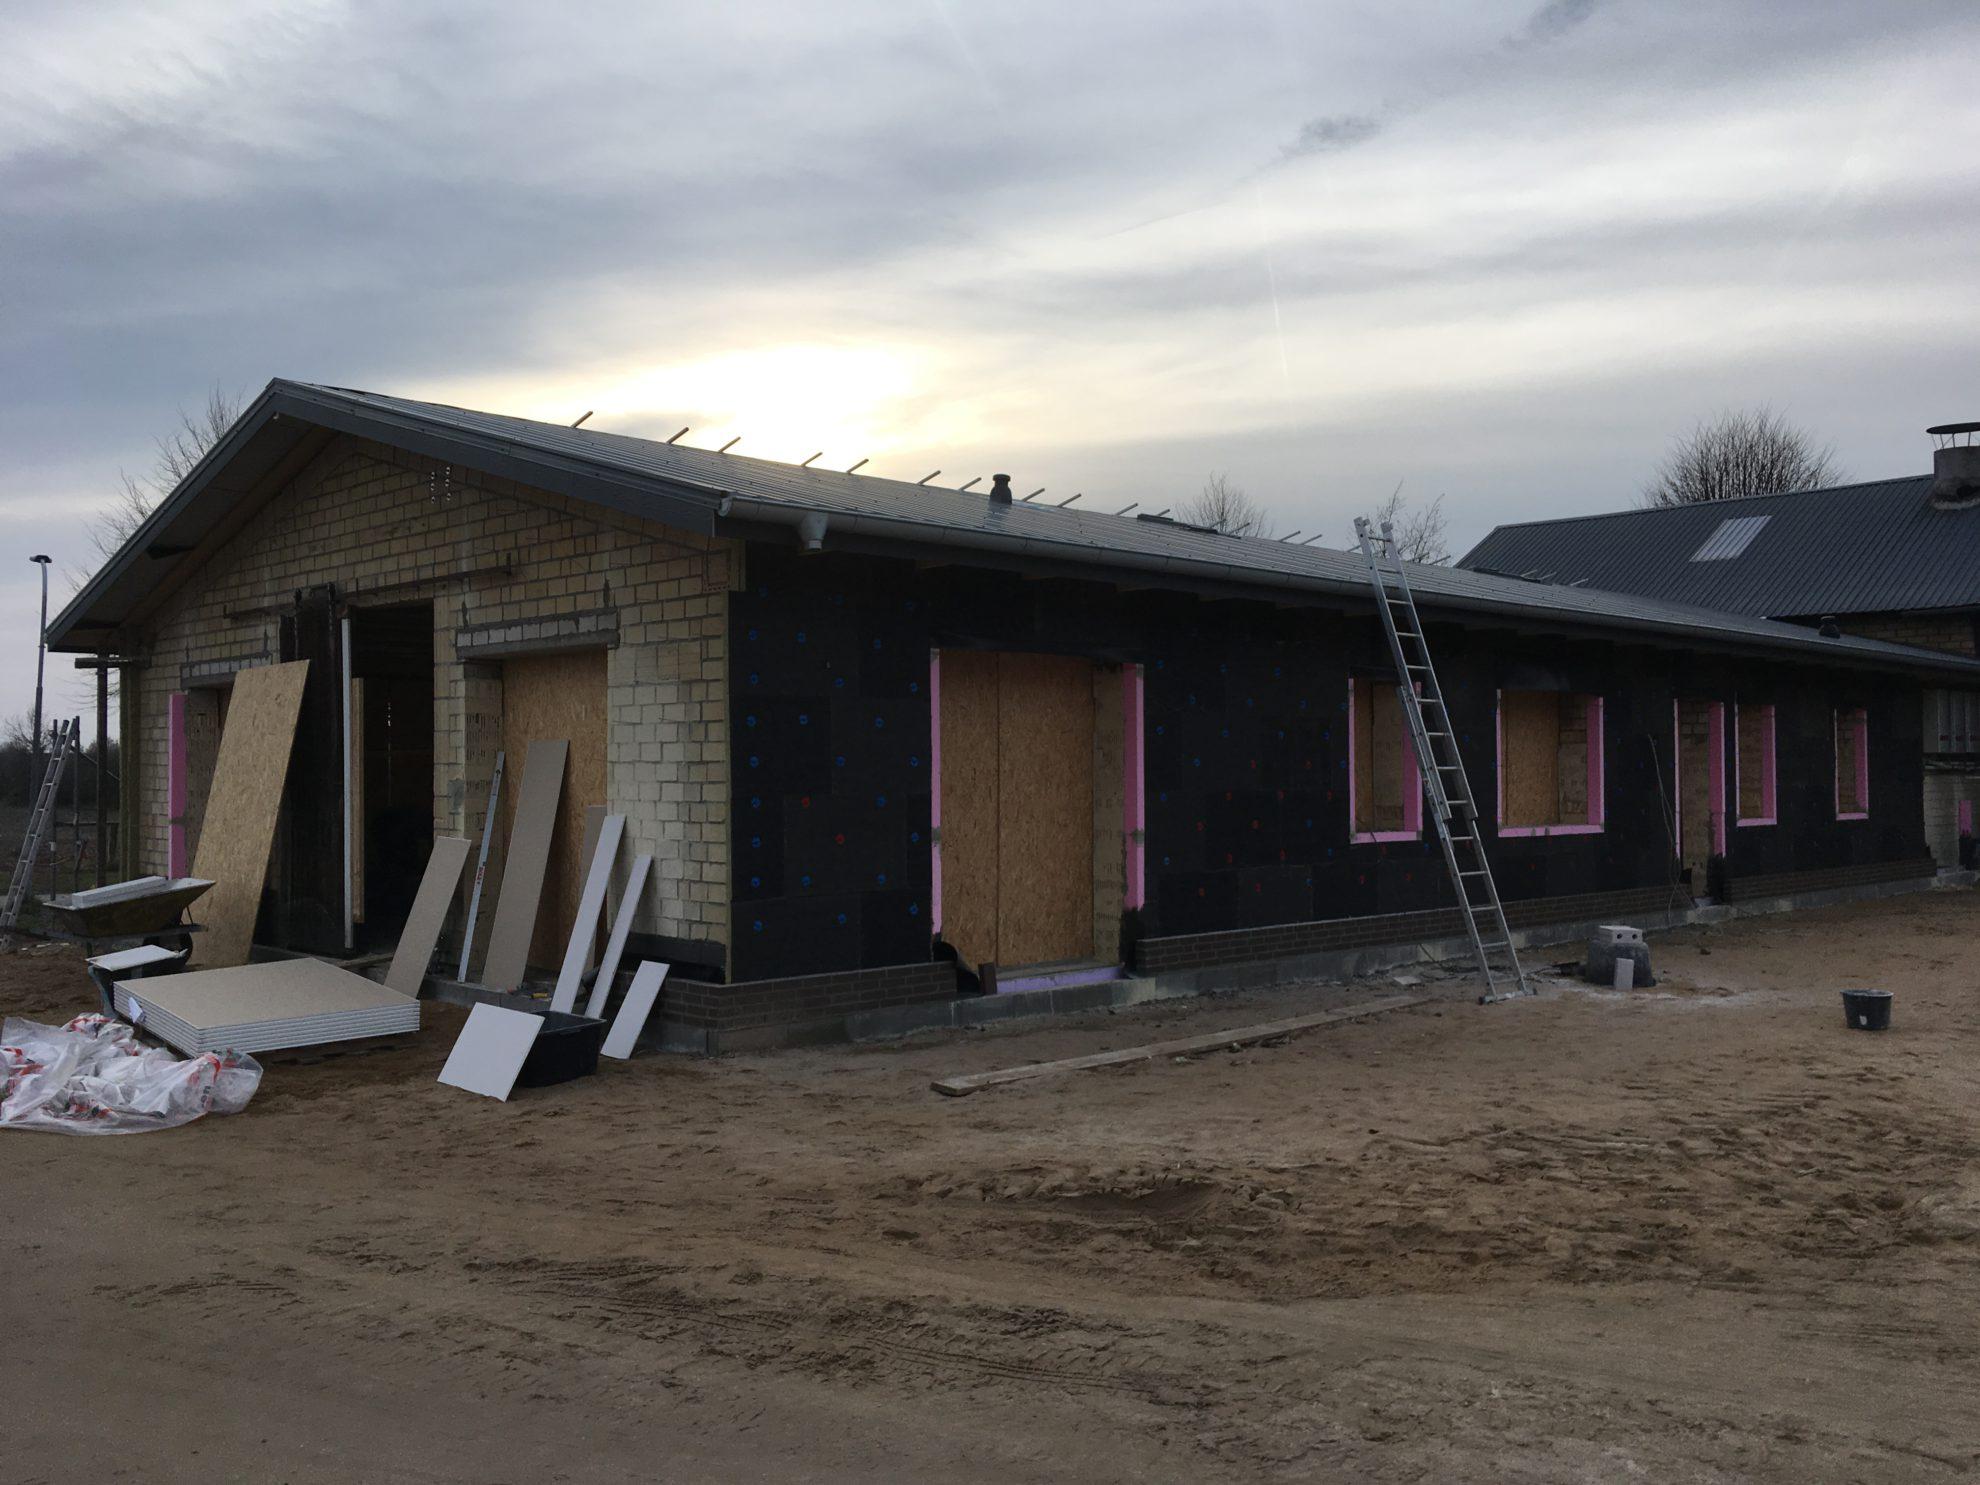 Umbau von Stallungen zu Wohnraum – Foto 3